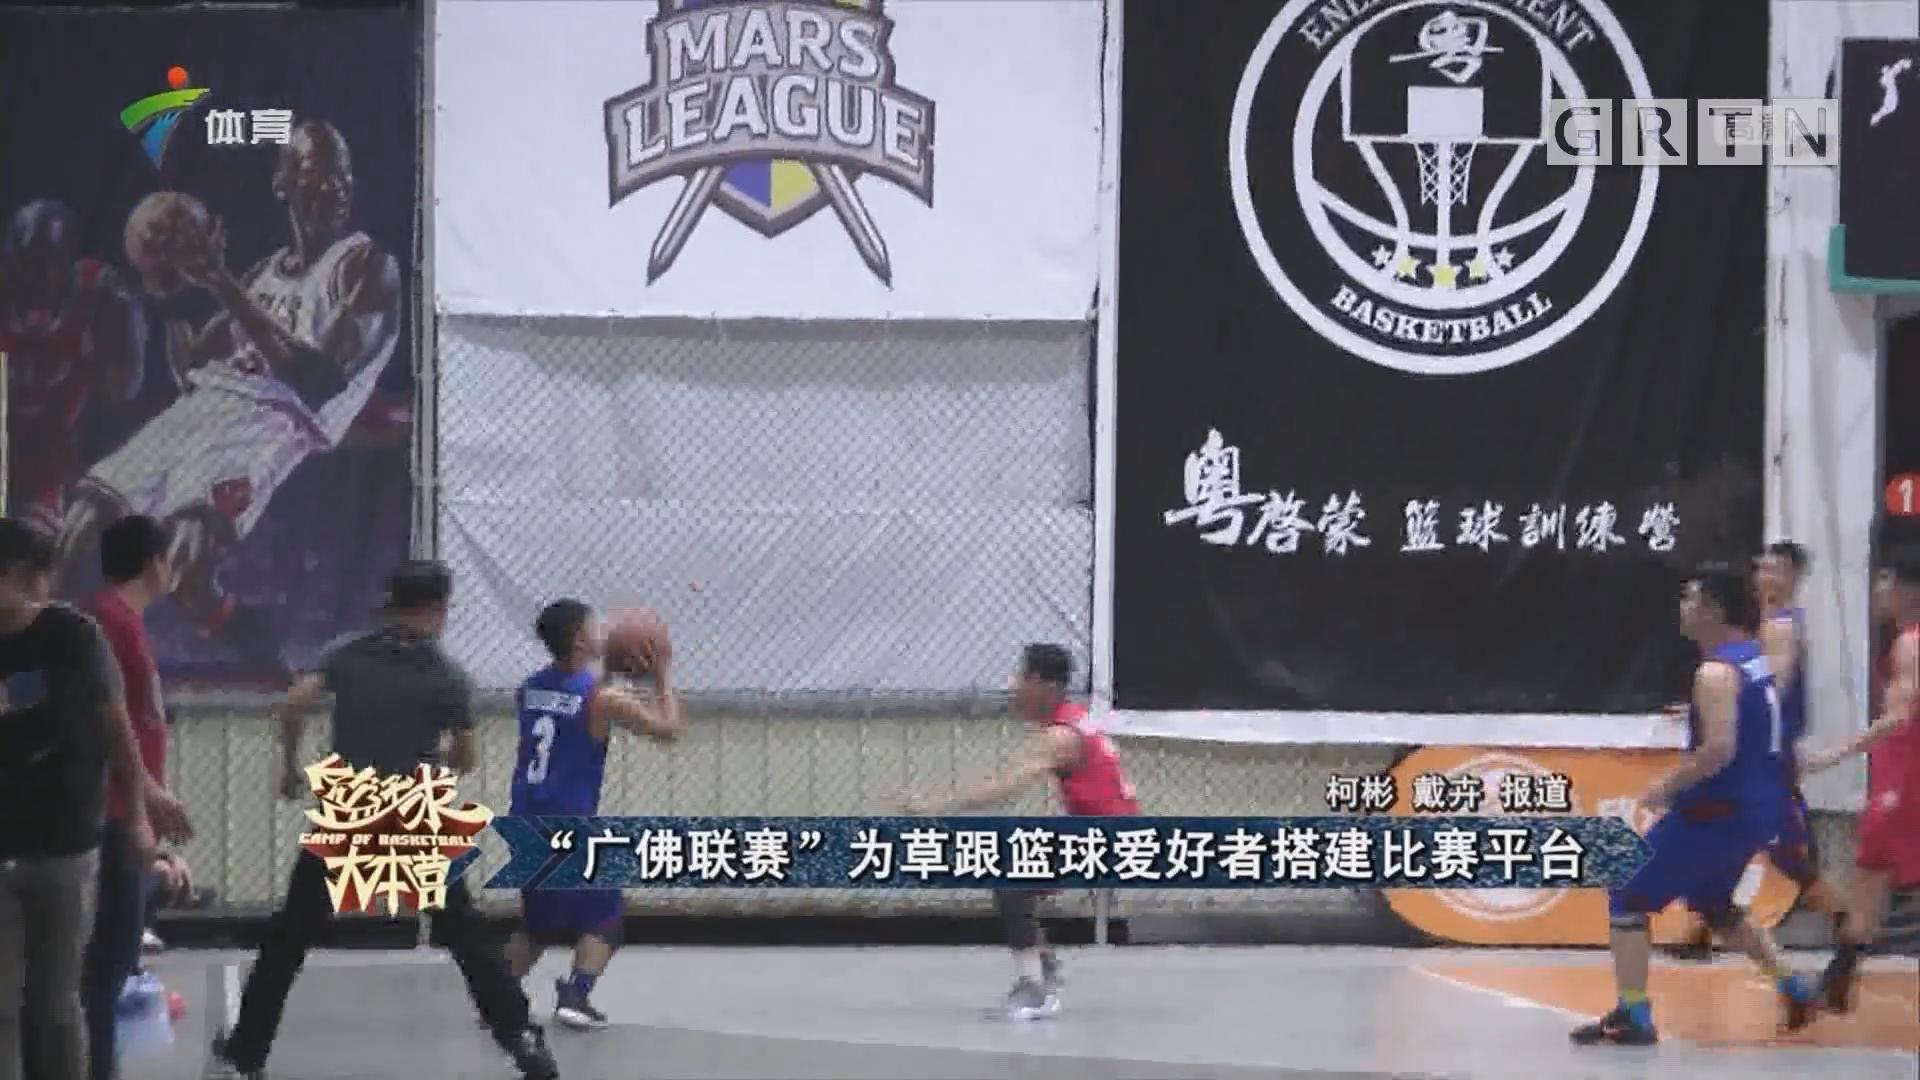 """""""广佛联赛""""为草跟篮球爱好者搭建比赛平台"""